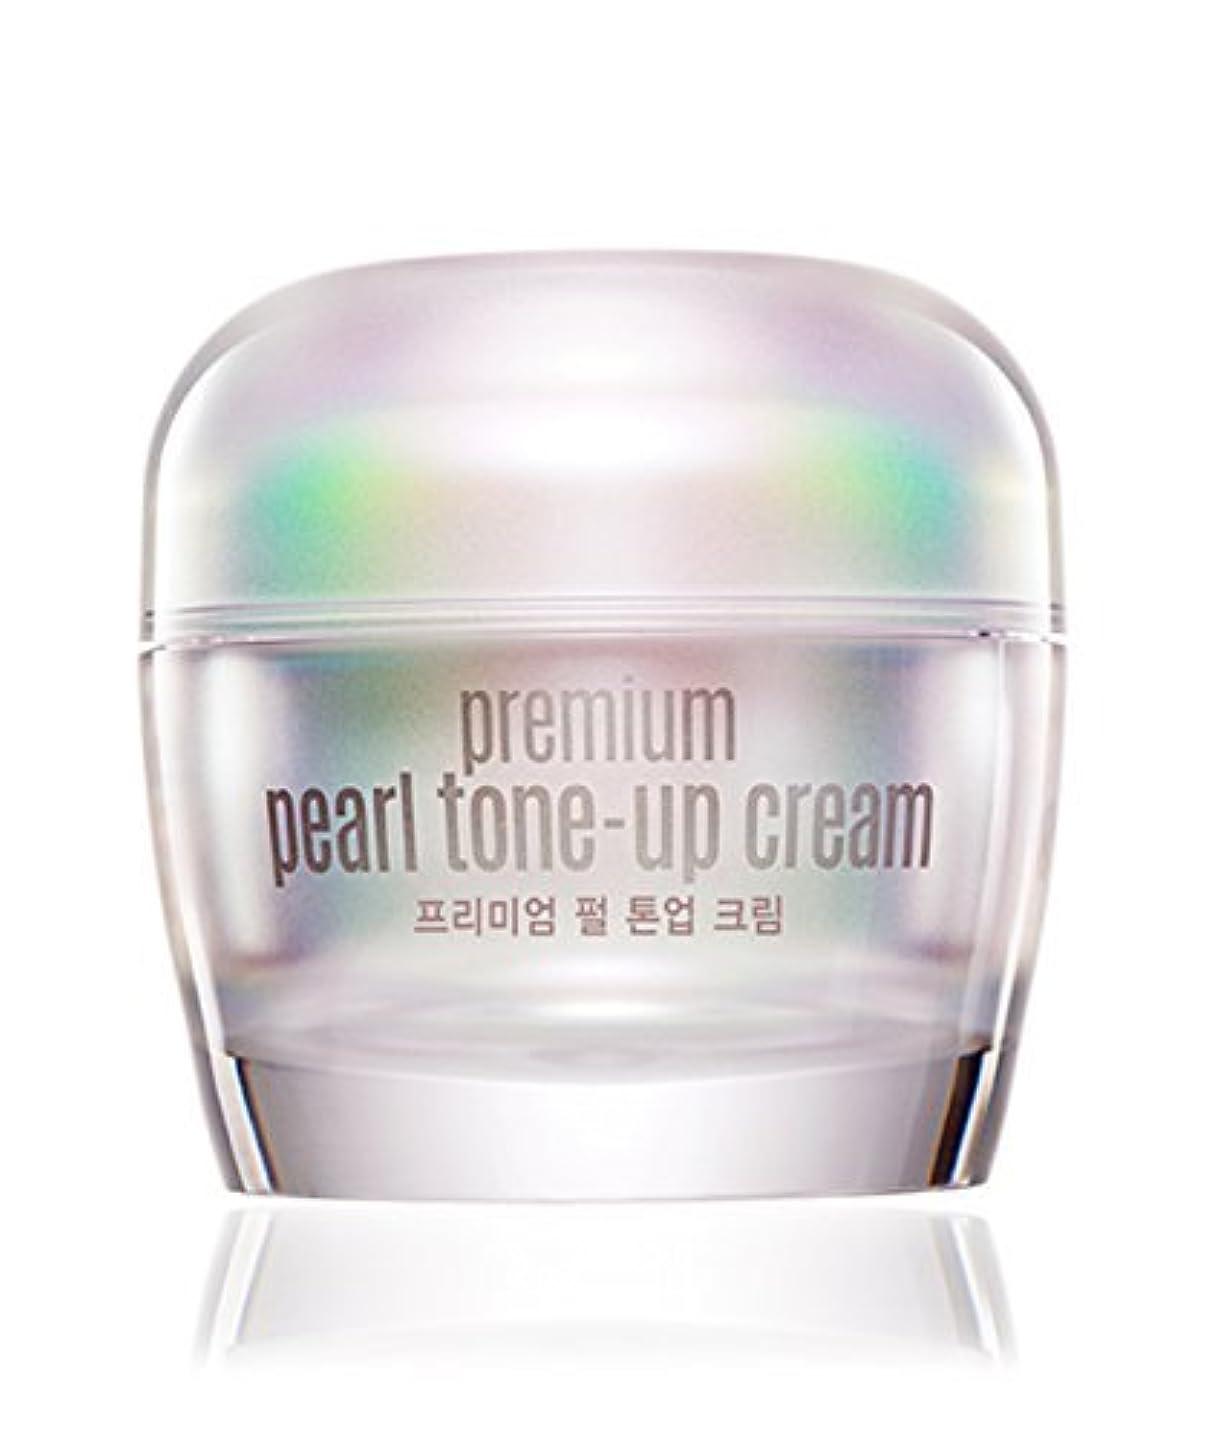 航空便すみませんラウズGoodal Premium Pearl Tone-Up Cream 1.7 Ounce Silver [並行輸入品]